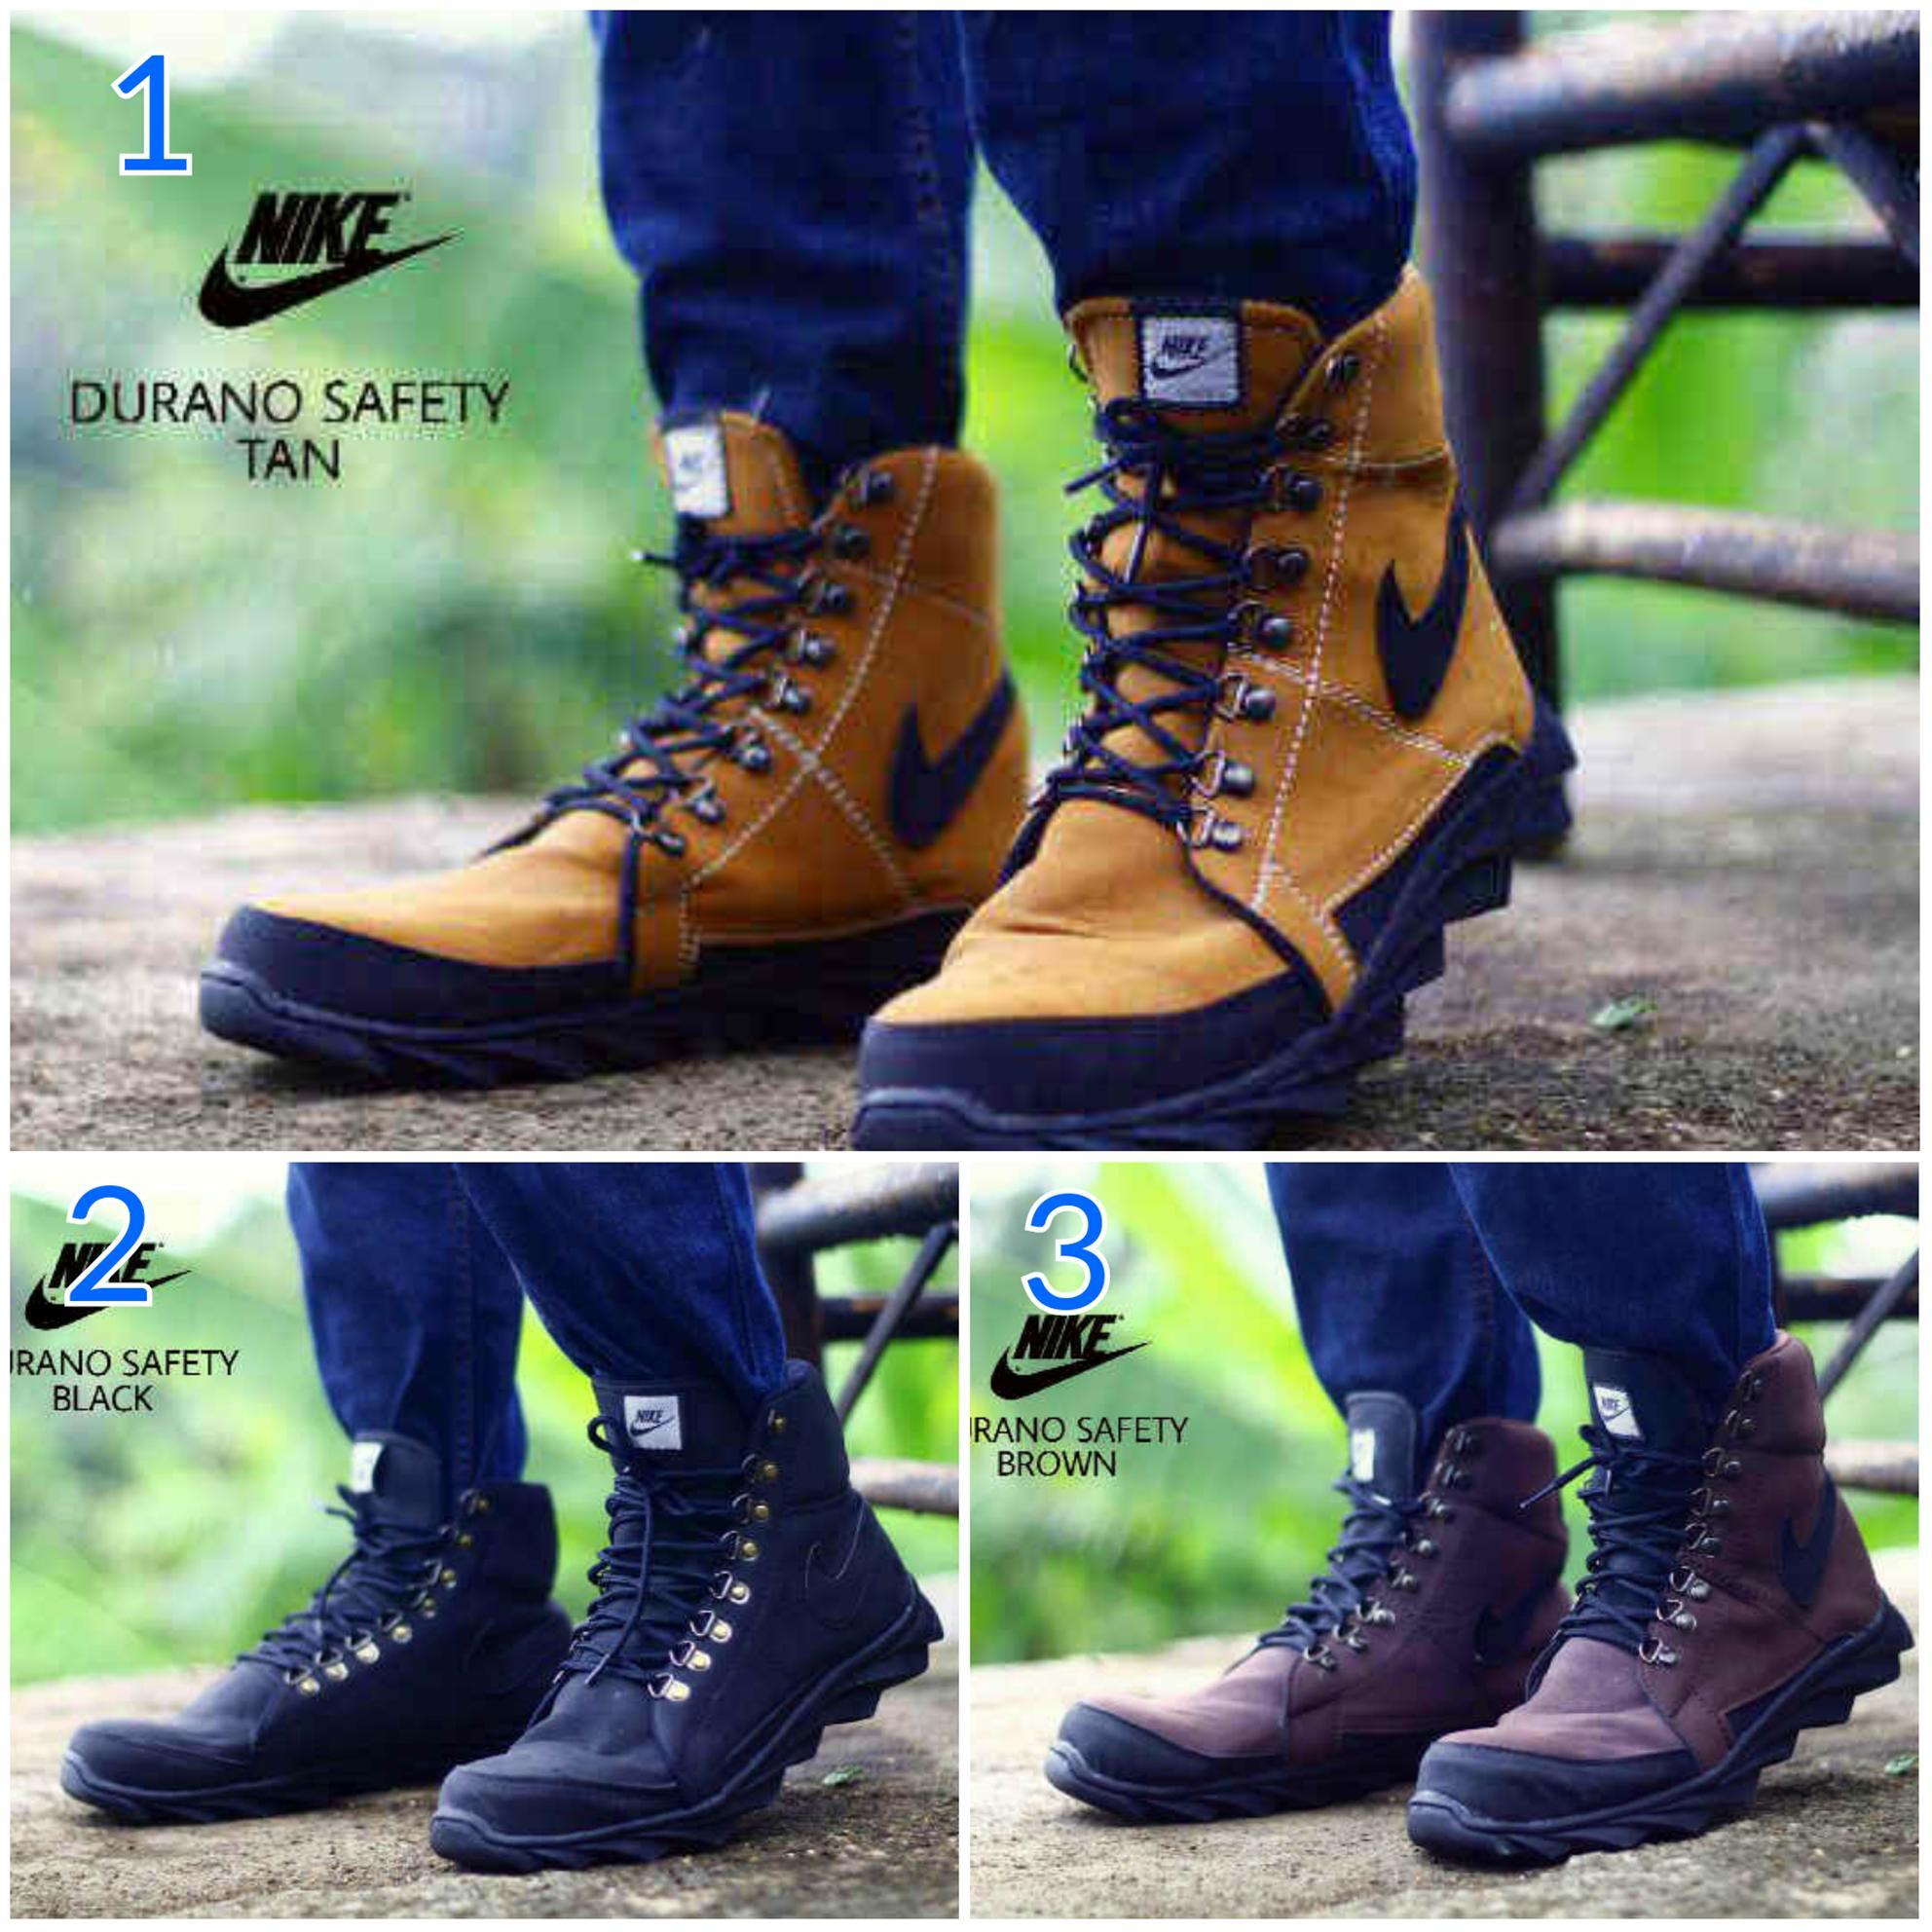 Agen Sepatu Boot Nike Terlaris Boots California Safety Tracking Ujung Besi Promo Pria Durano Kulit Buck Hiking Kerja Diskon